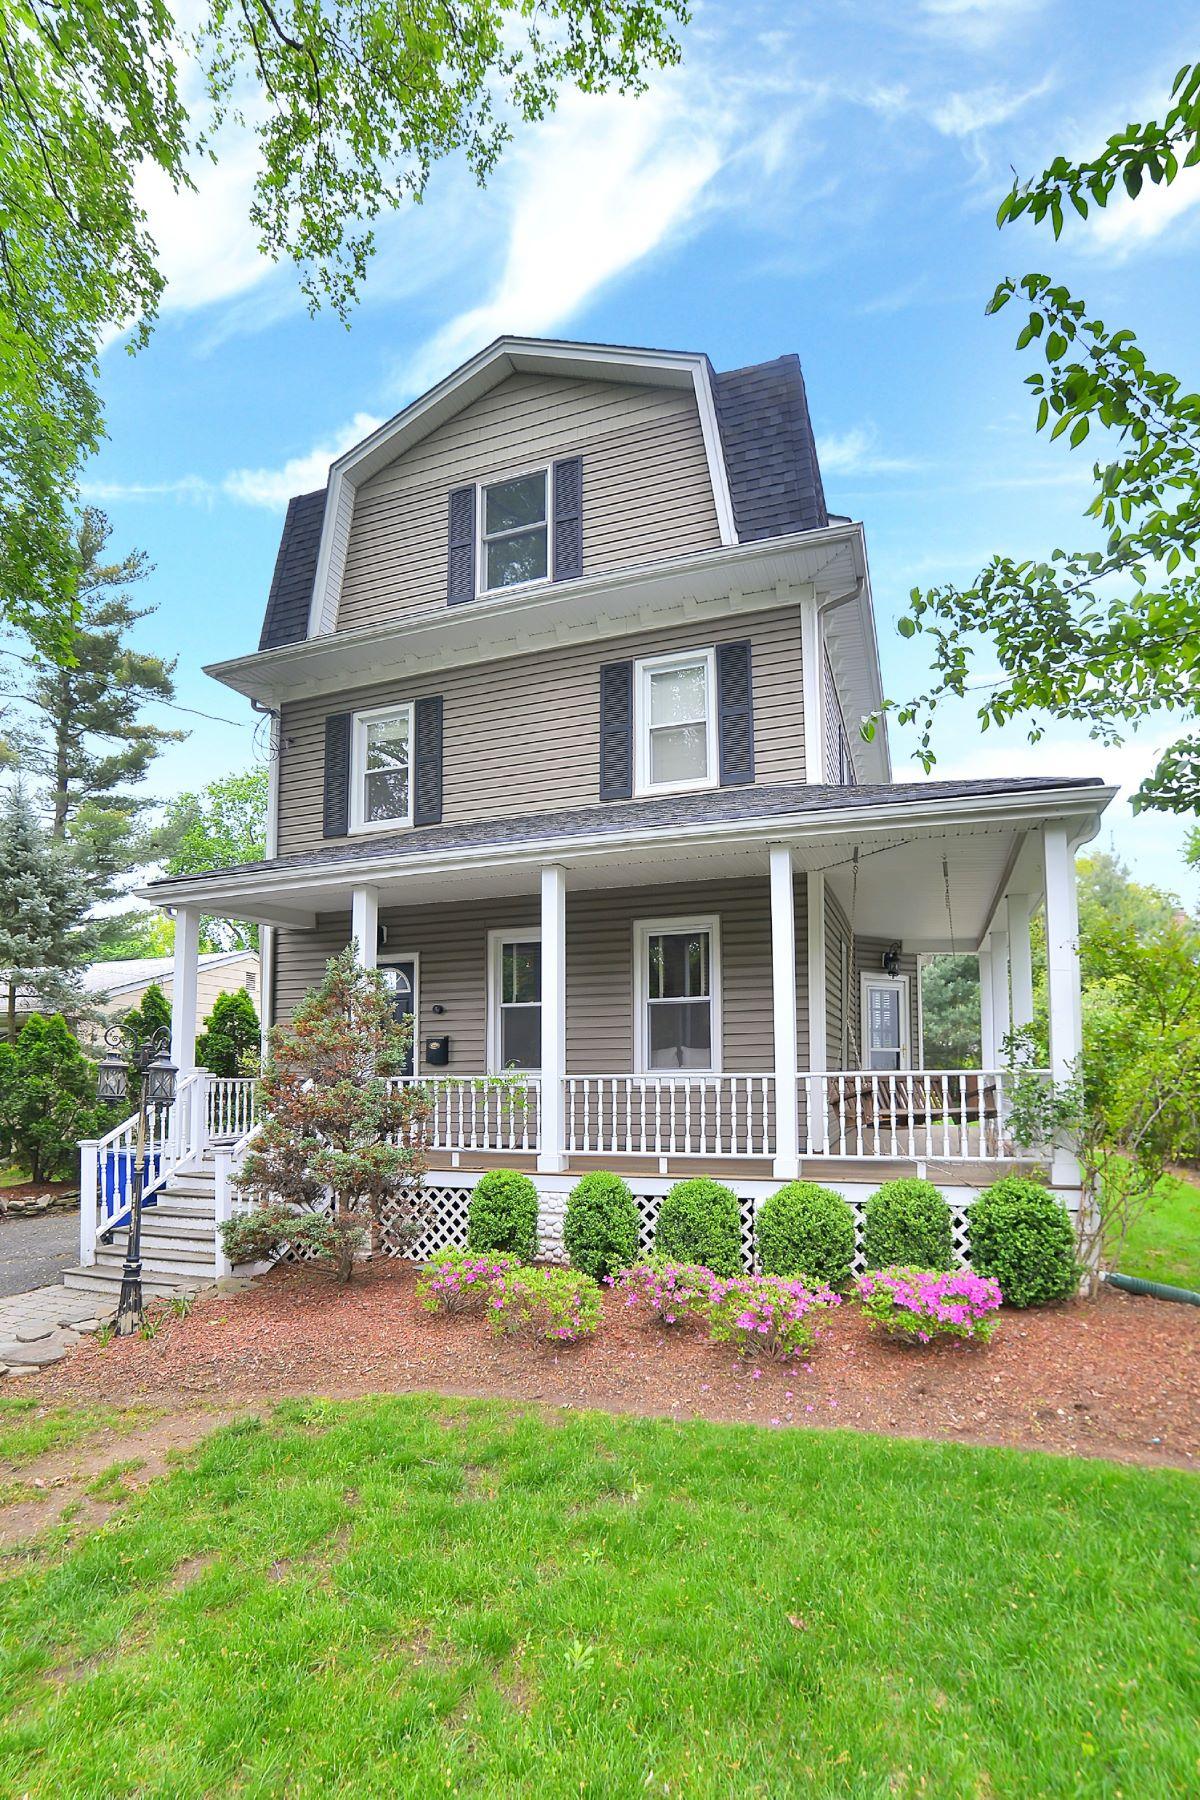 단독 가정 주택 용 매매 에 Beautifully Renovated Harrington Park Home! 29 Kline Street Harrington Park, 뉴저지, 07640 미국